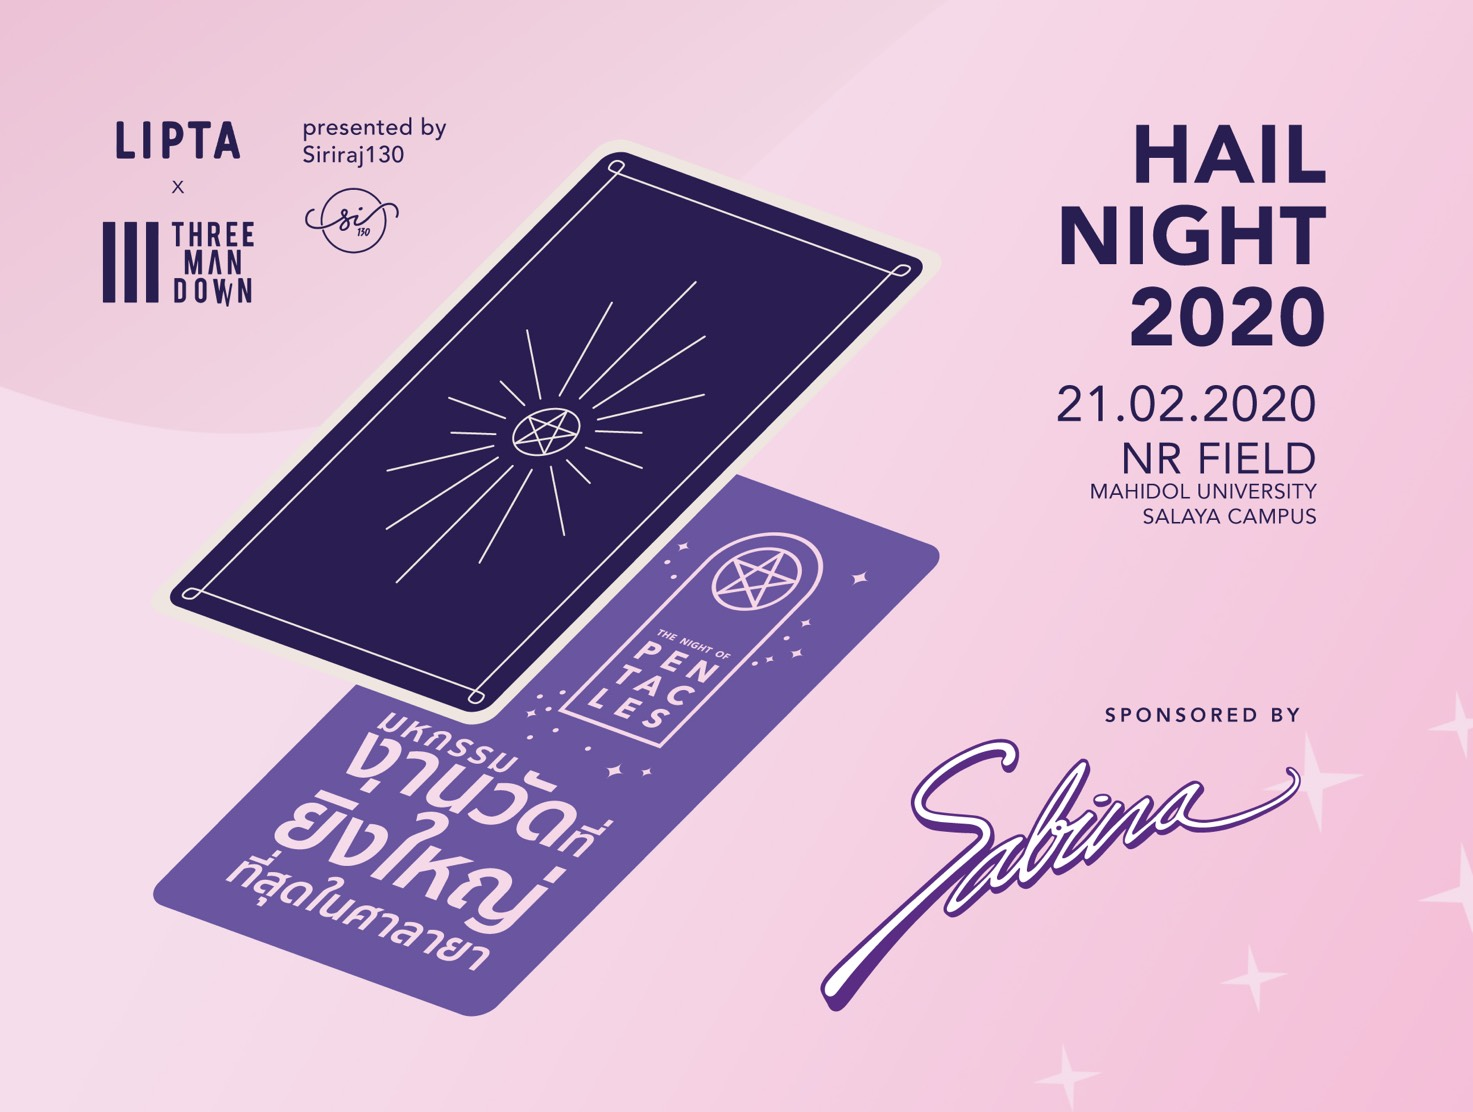 """บริษัท ซาบีน่า ฟาร์อีสท์ จำกัด  ร่วมเป็นส่วนหนึ่งในการสนับสนุนกิจกรรม """"งาน SIPIstar Music Awards 2020 & งาน Hail Night : The night of pentacles"""""""